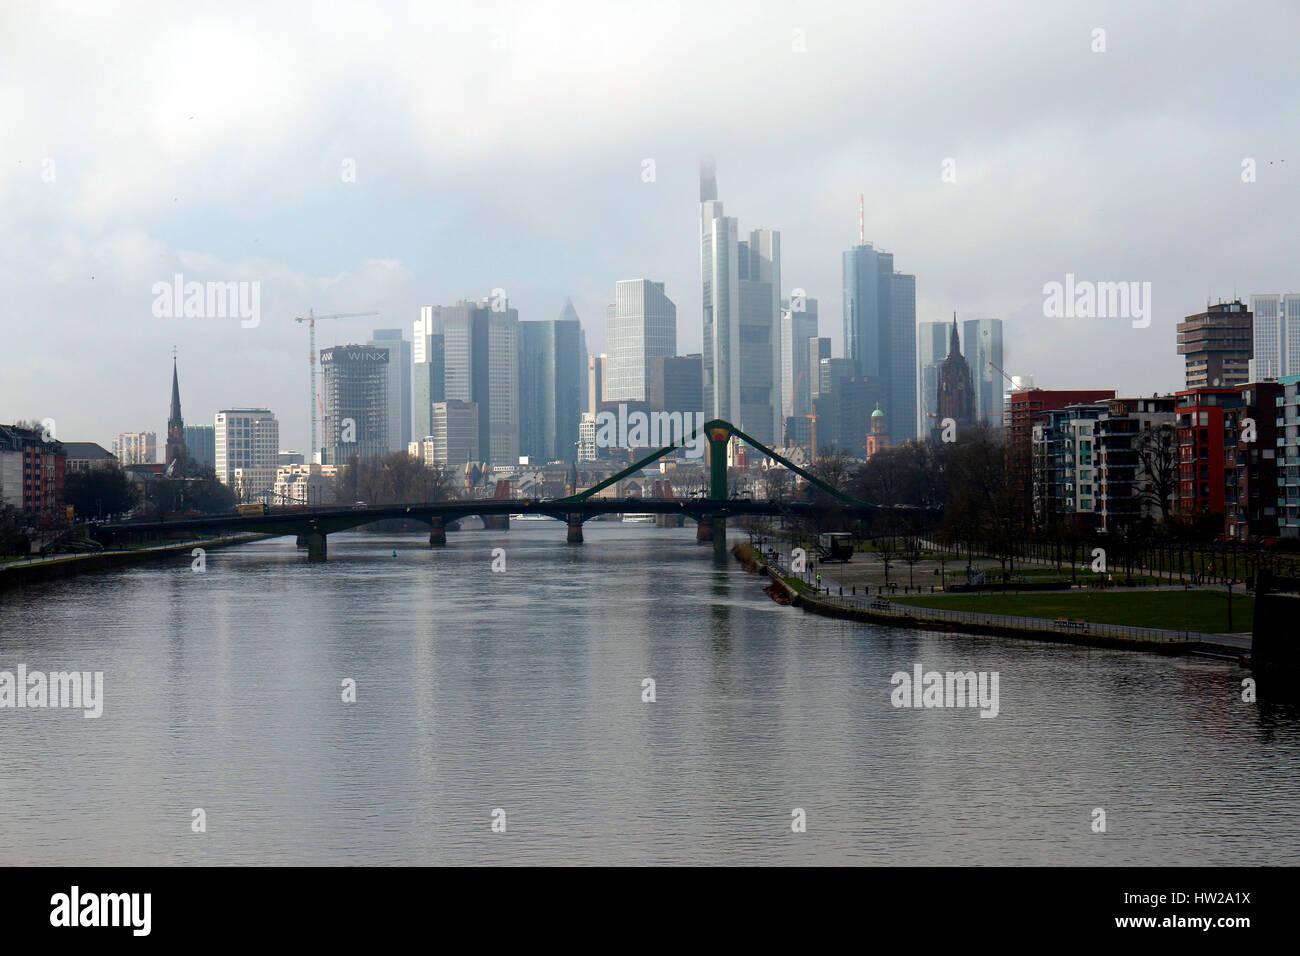 die Skyline von Frankfurt am Main u.a. mit der Commerzbank Zentrale, dem Heleba Gebaeude und anderen Wolkenkratzer, Stock Photo